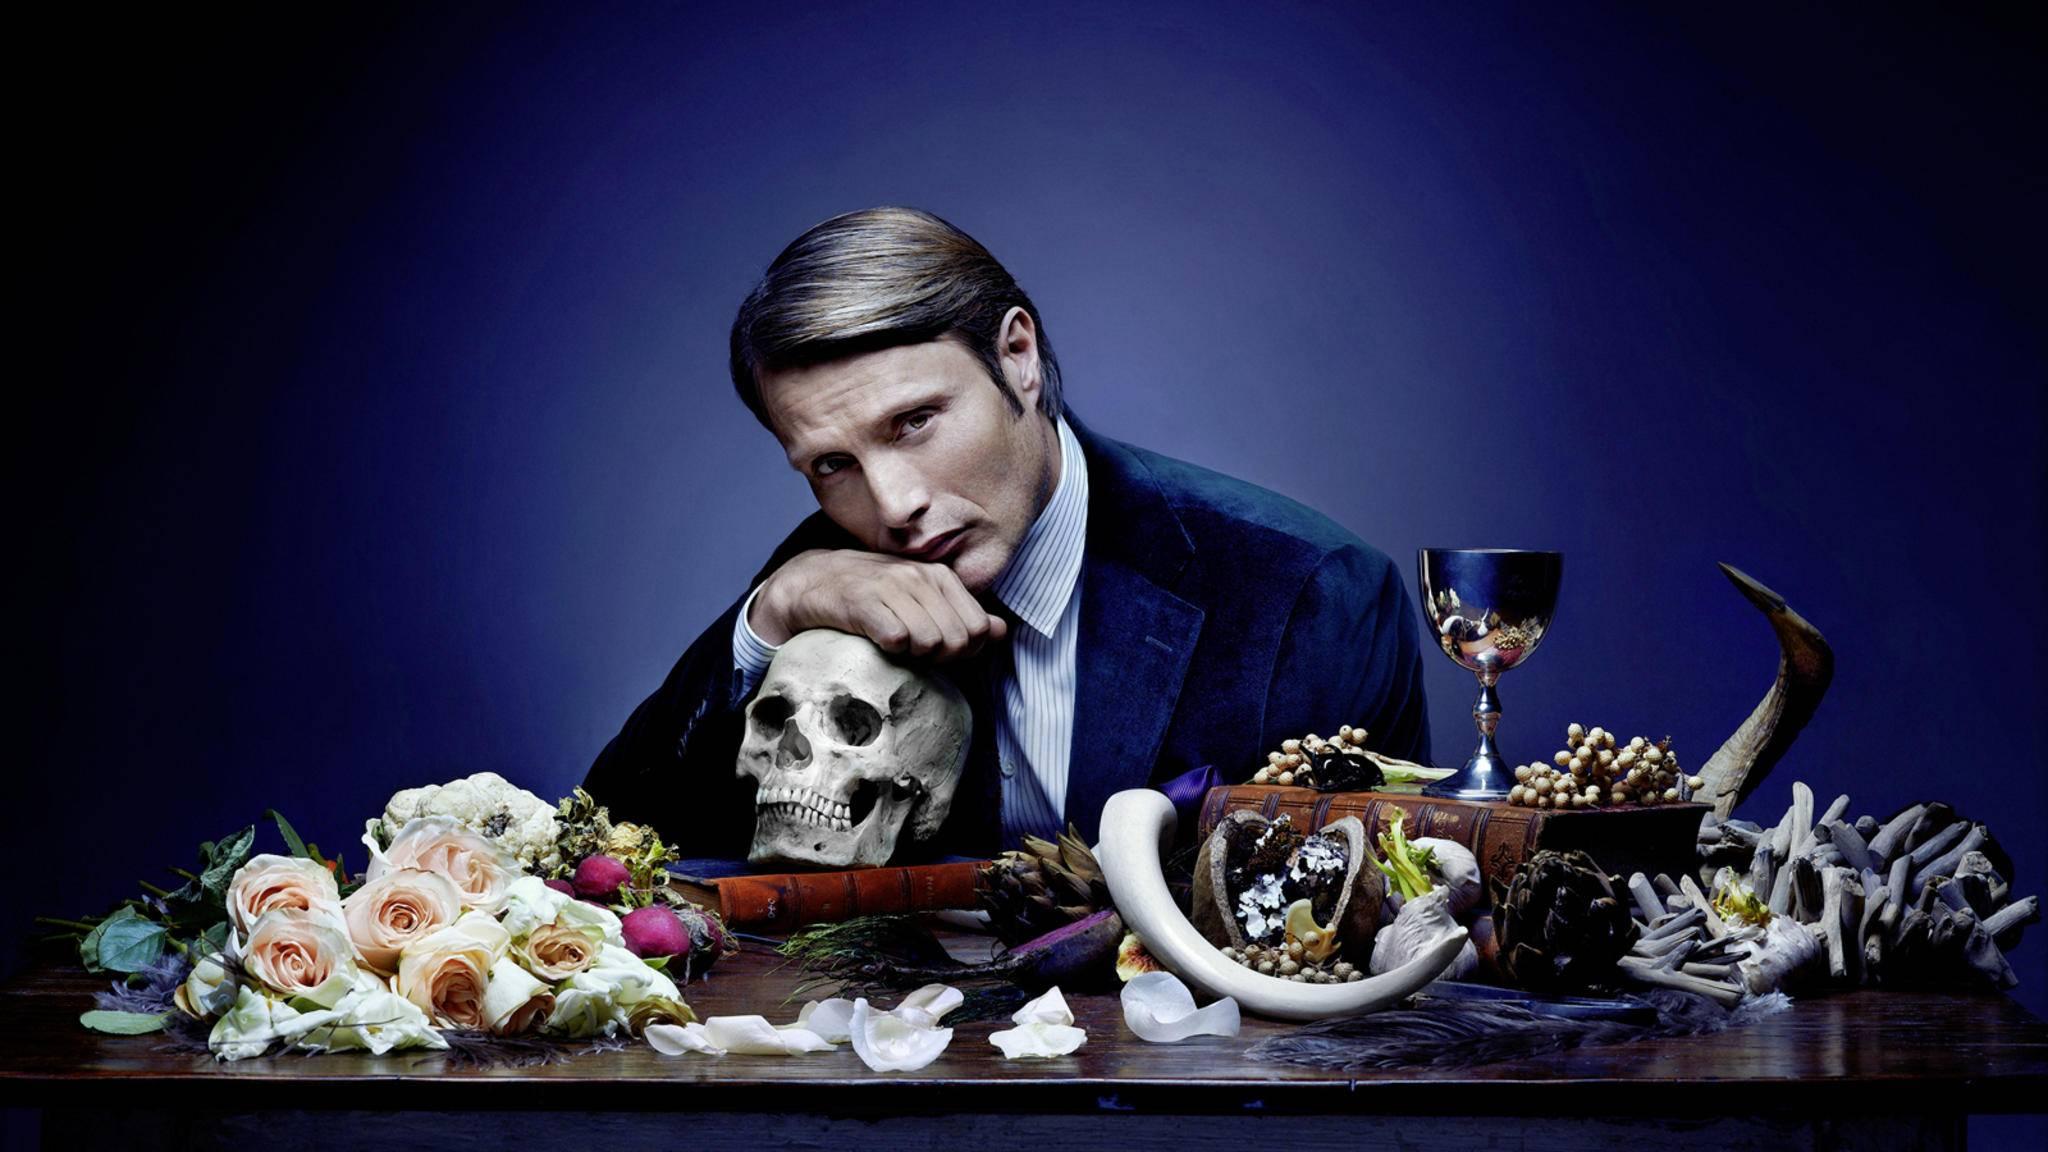 Darf es ein kleines Amuse-Bouche sein? Die Zutaten, die Hannibal Lecter dafür verwendet, sind jedoch streng geheim!